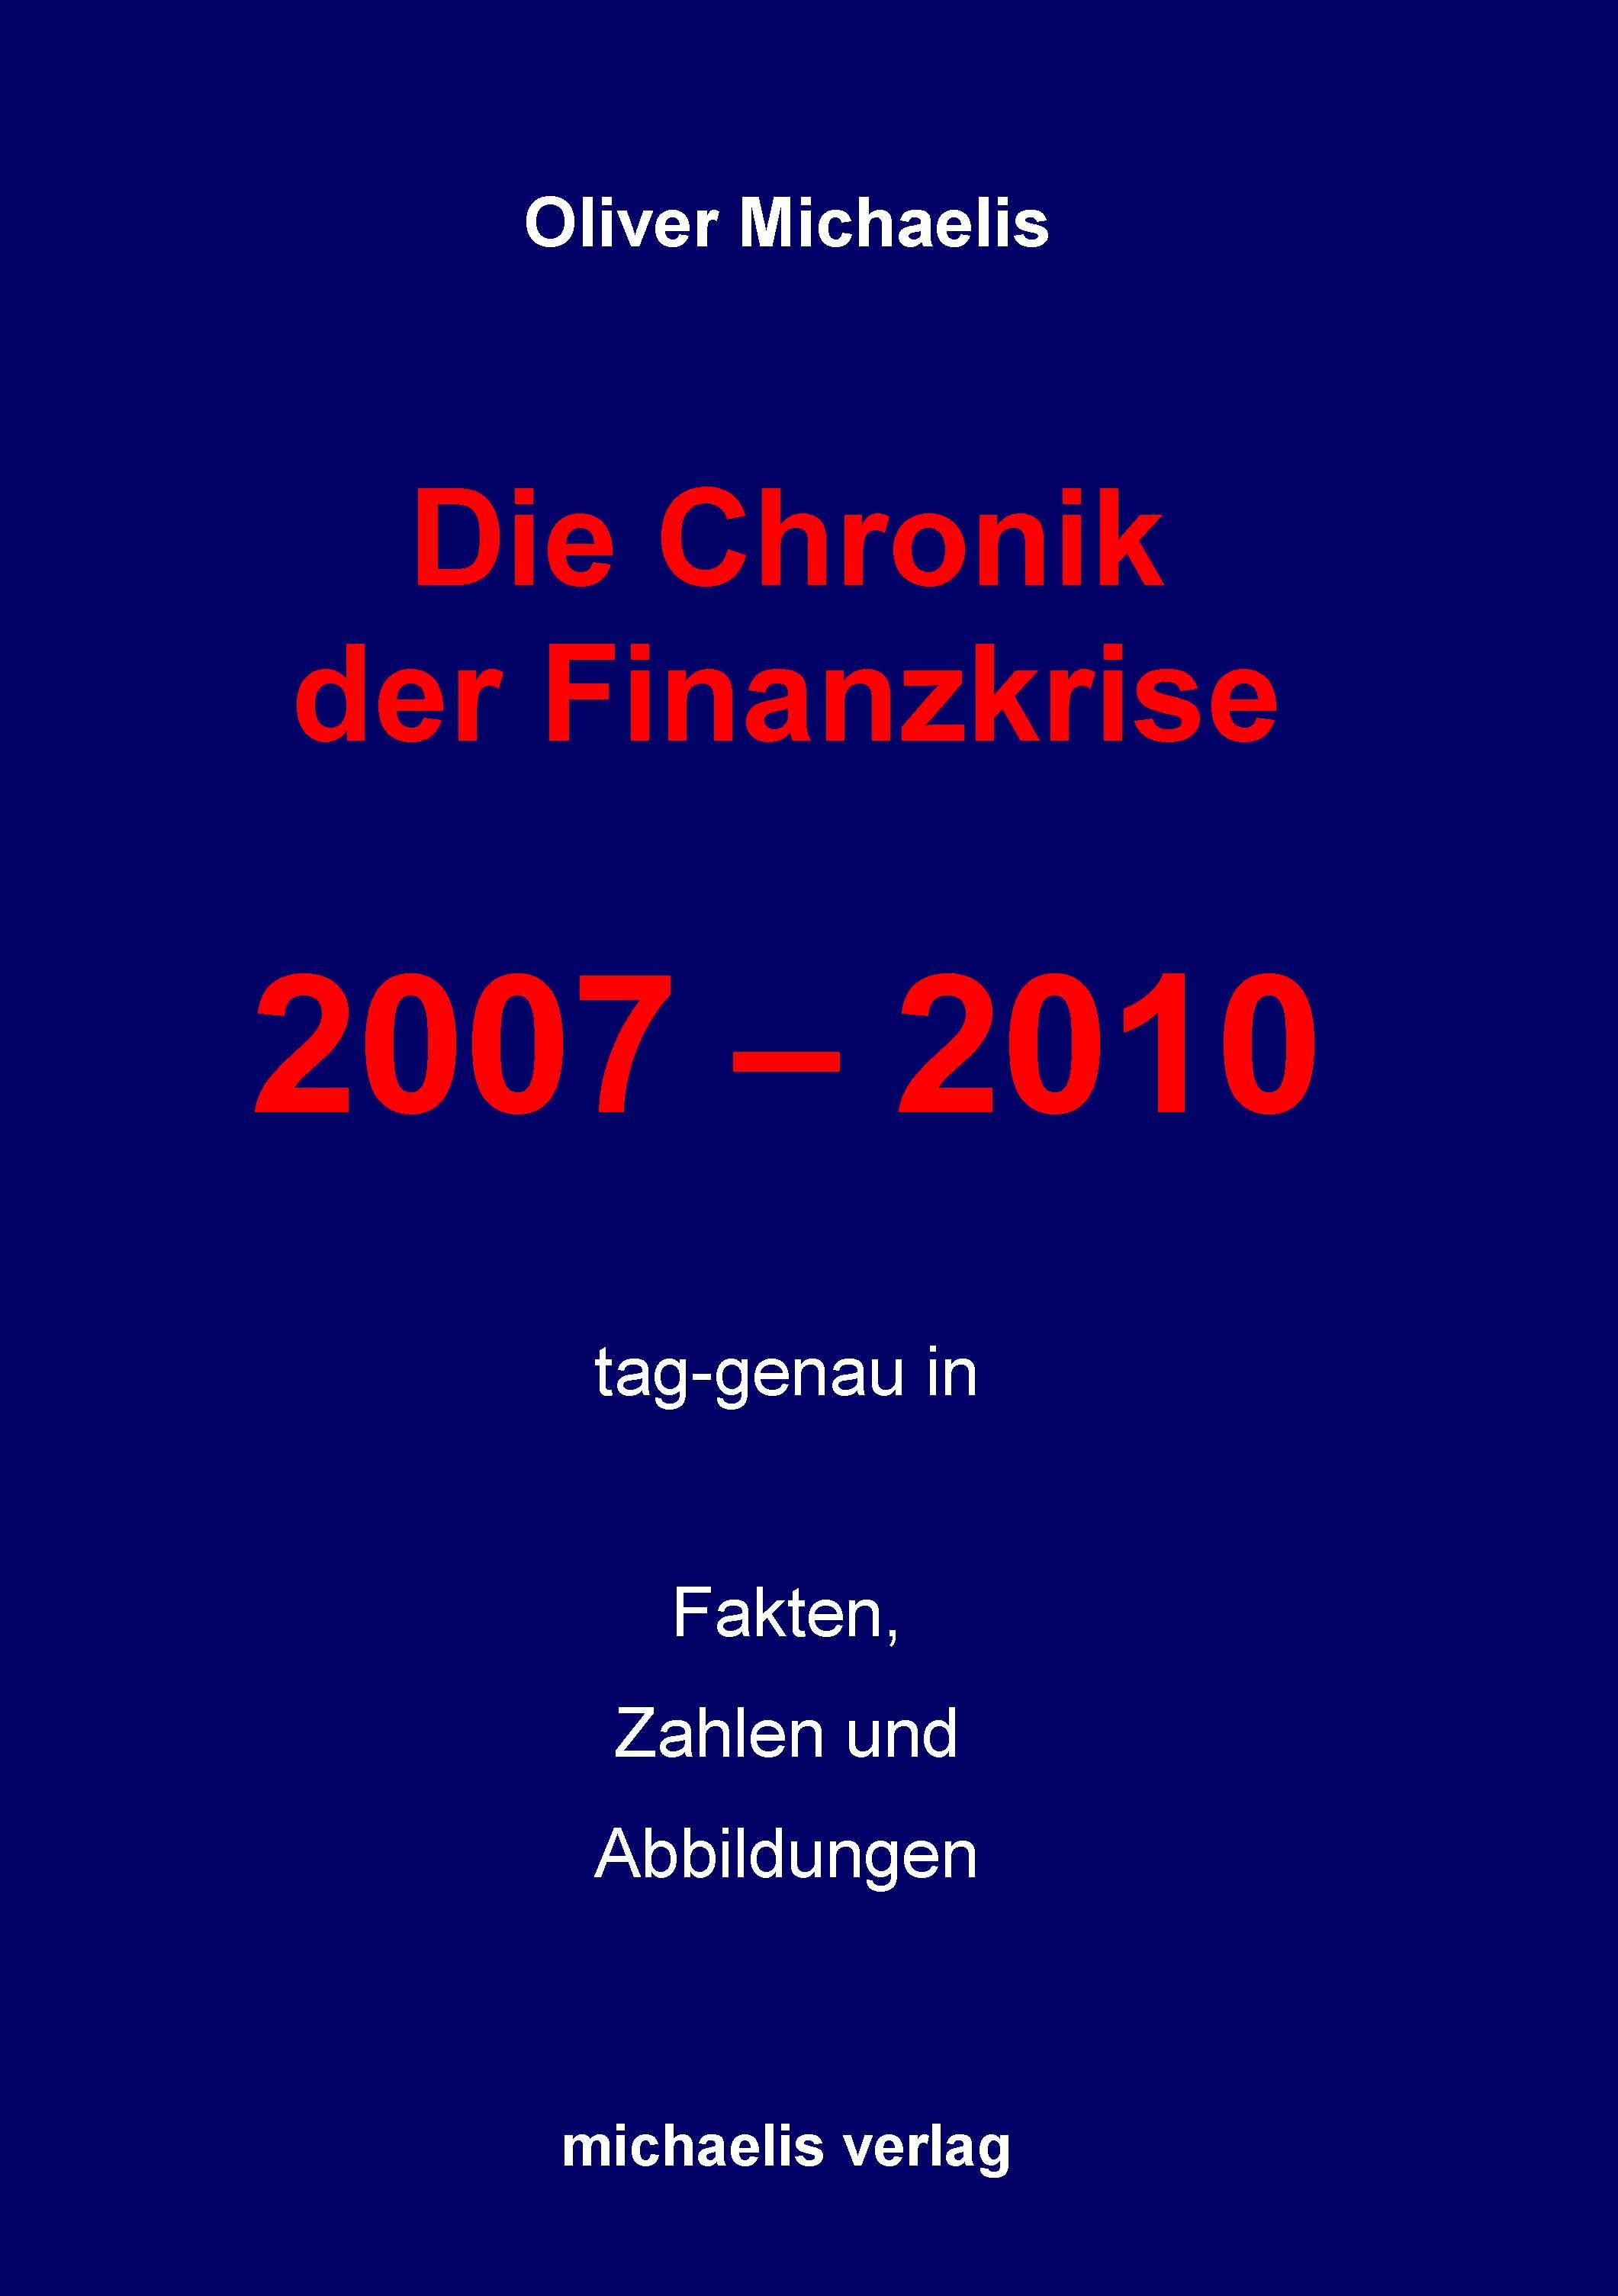 Die Chronik der Finanzkrise 2007 - 2010